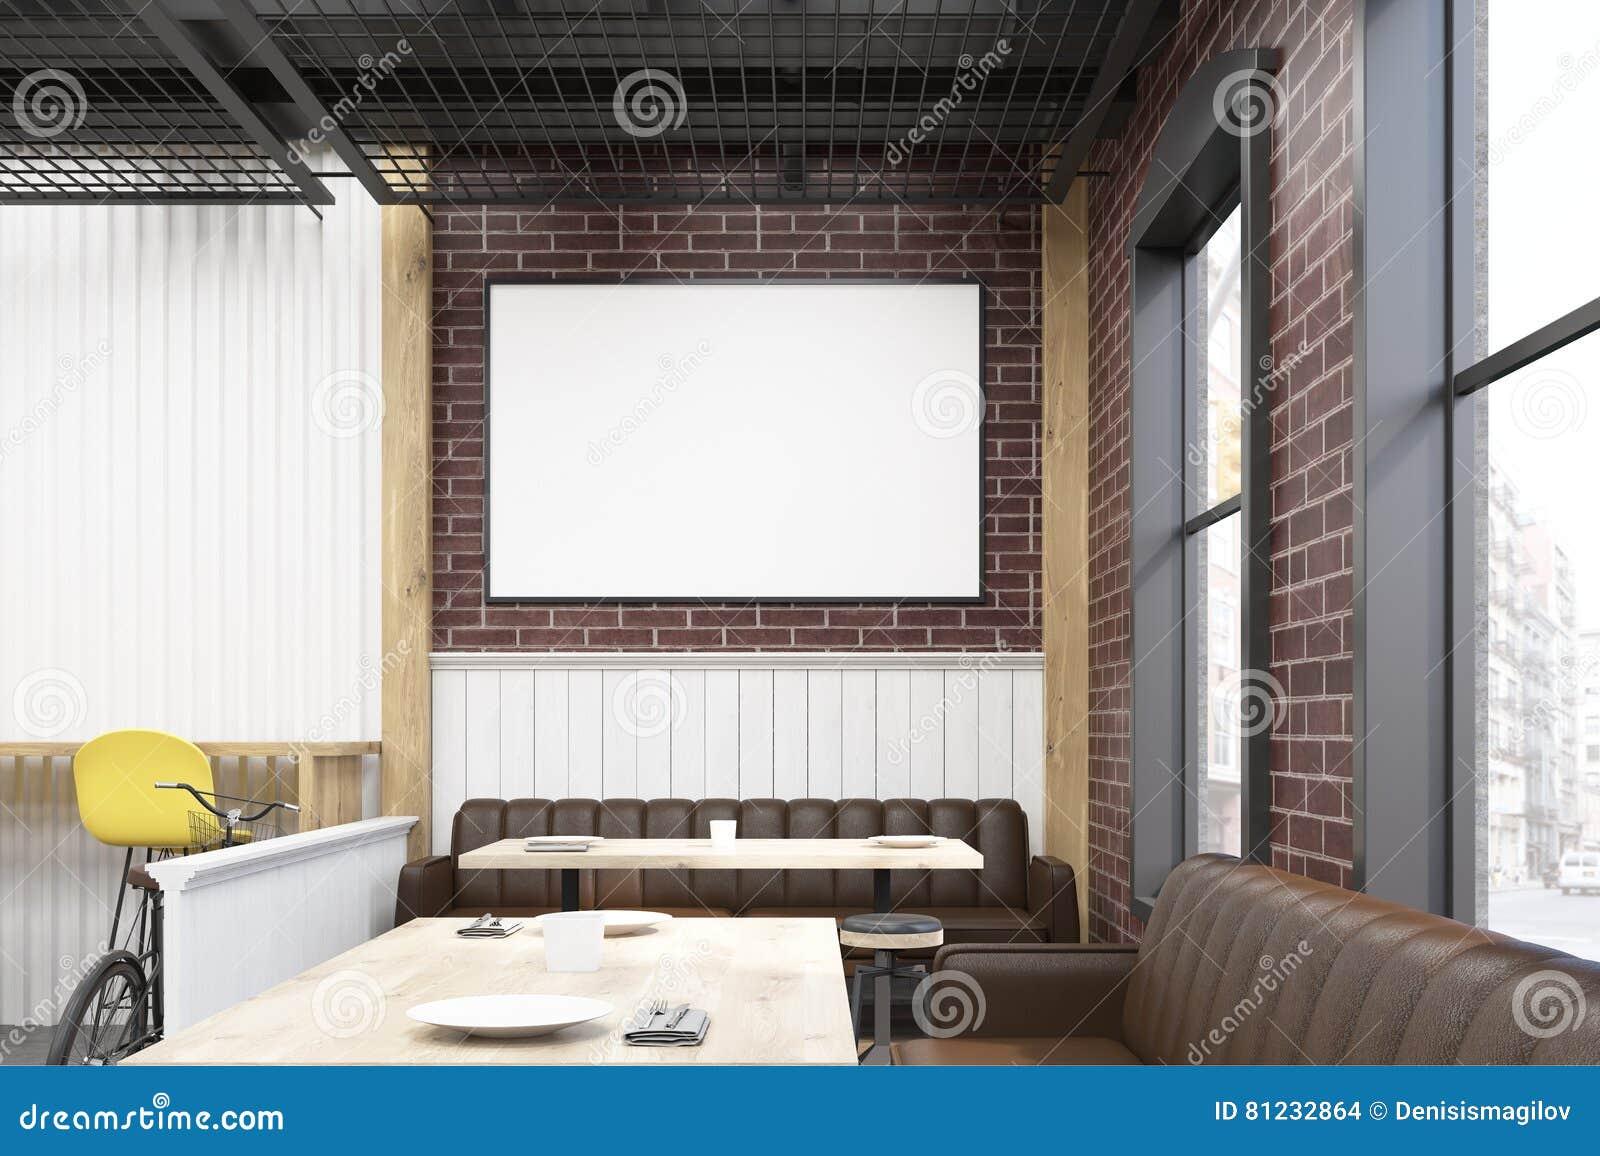 Interior Del Comensal Con Muebles Amarillos Y Marrones Stock De  # Muebles Marrones